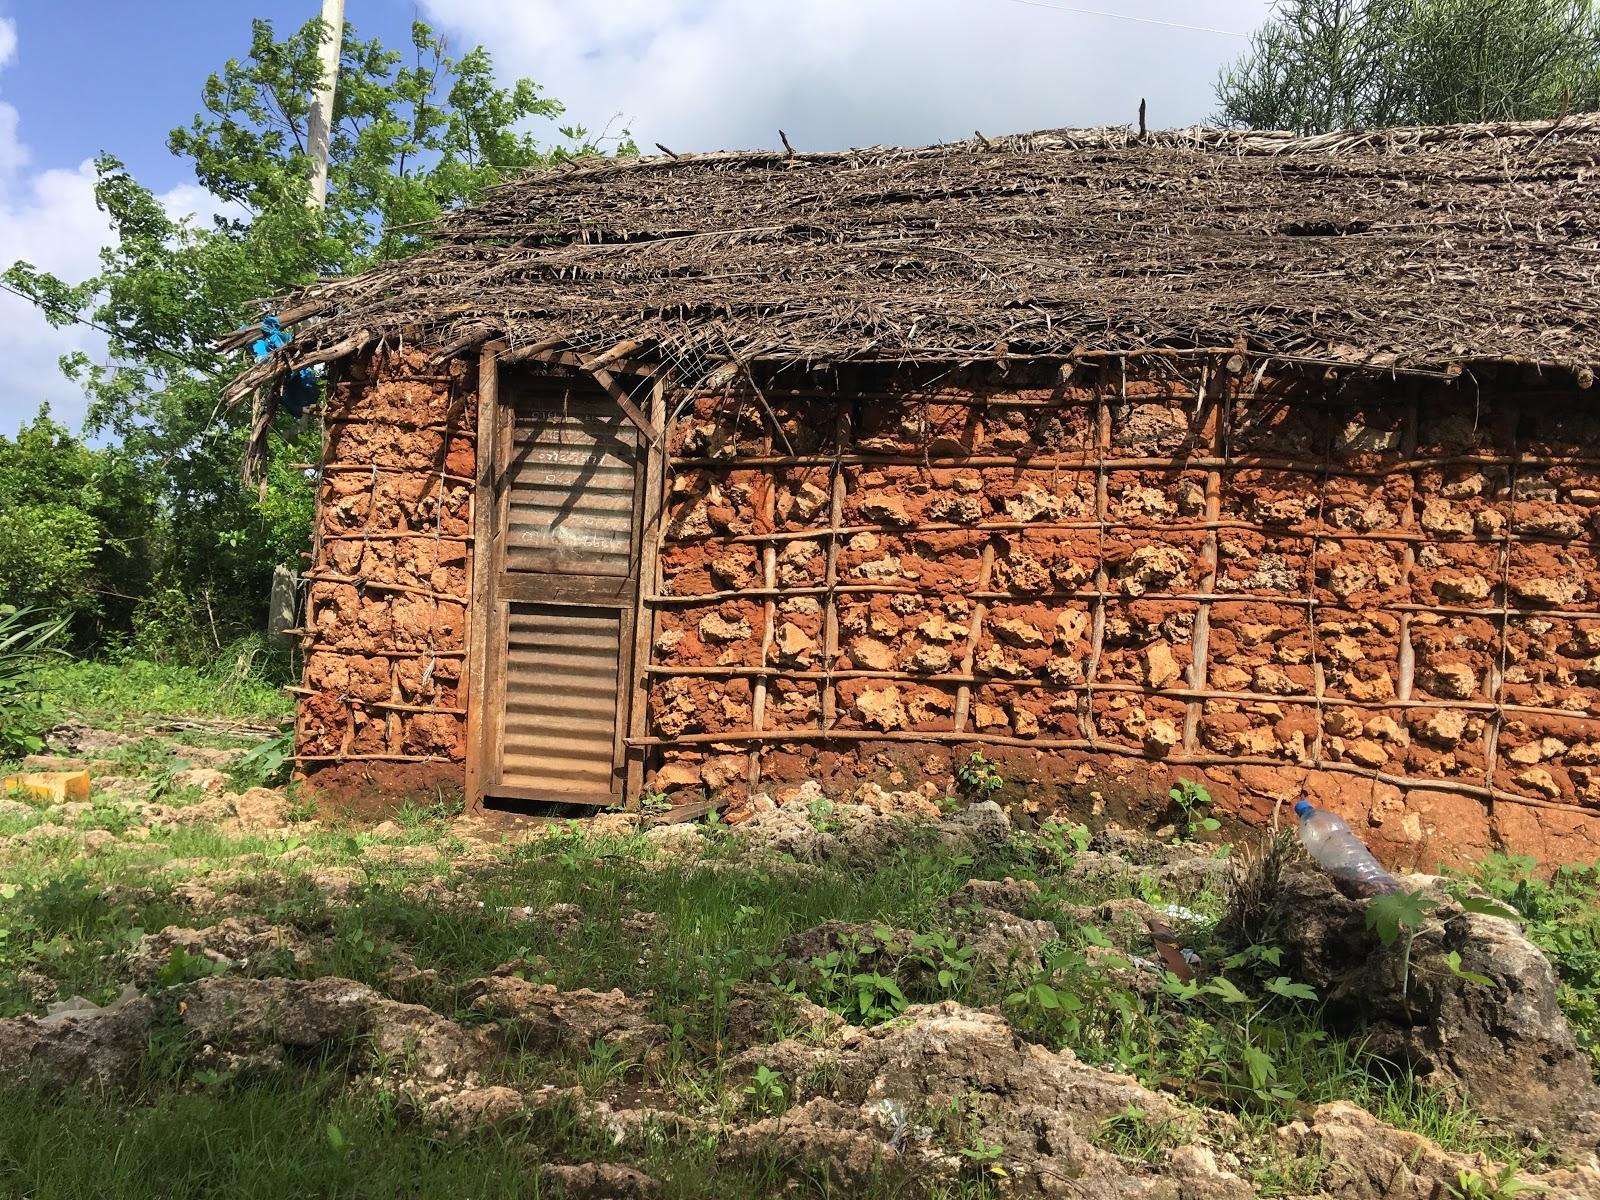 in pete werden auch jetzt noch traditionelle lehmhuser gebaut das finde ich erstaunlich fr die leute die kein geld htten fr ein modernes haus - Auenfarbe Ideen Fr Kleine Huser